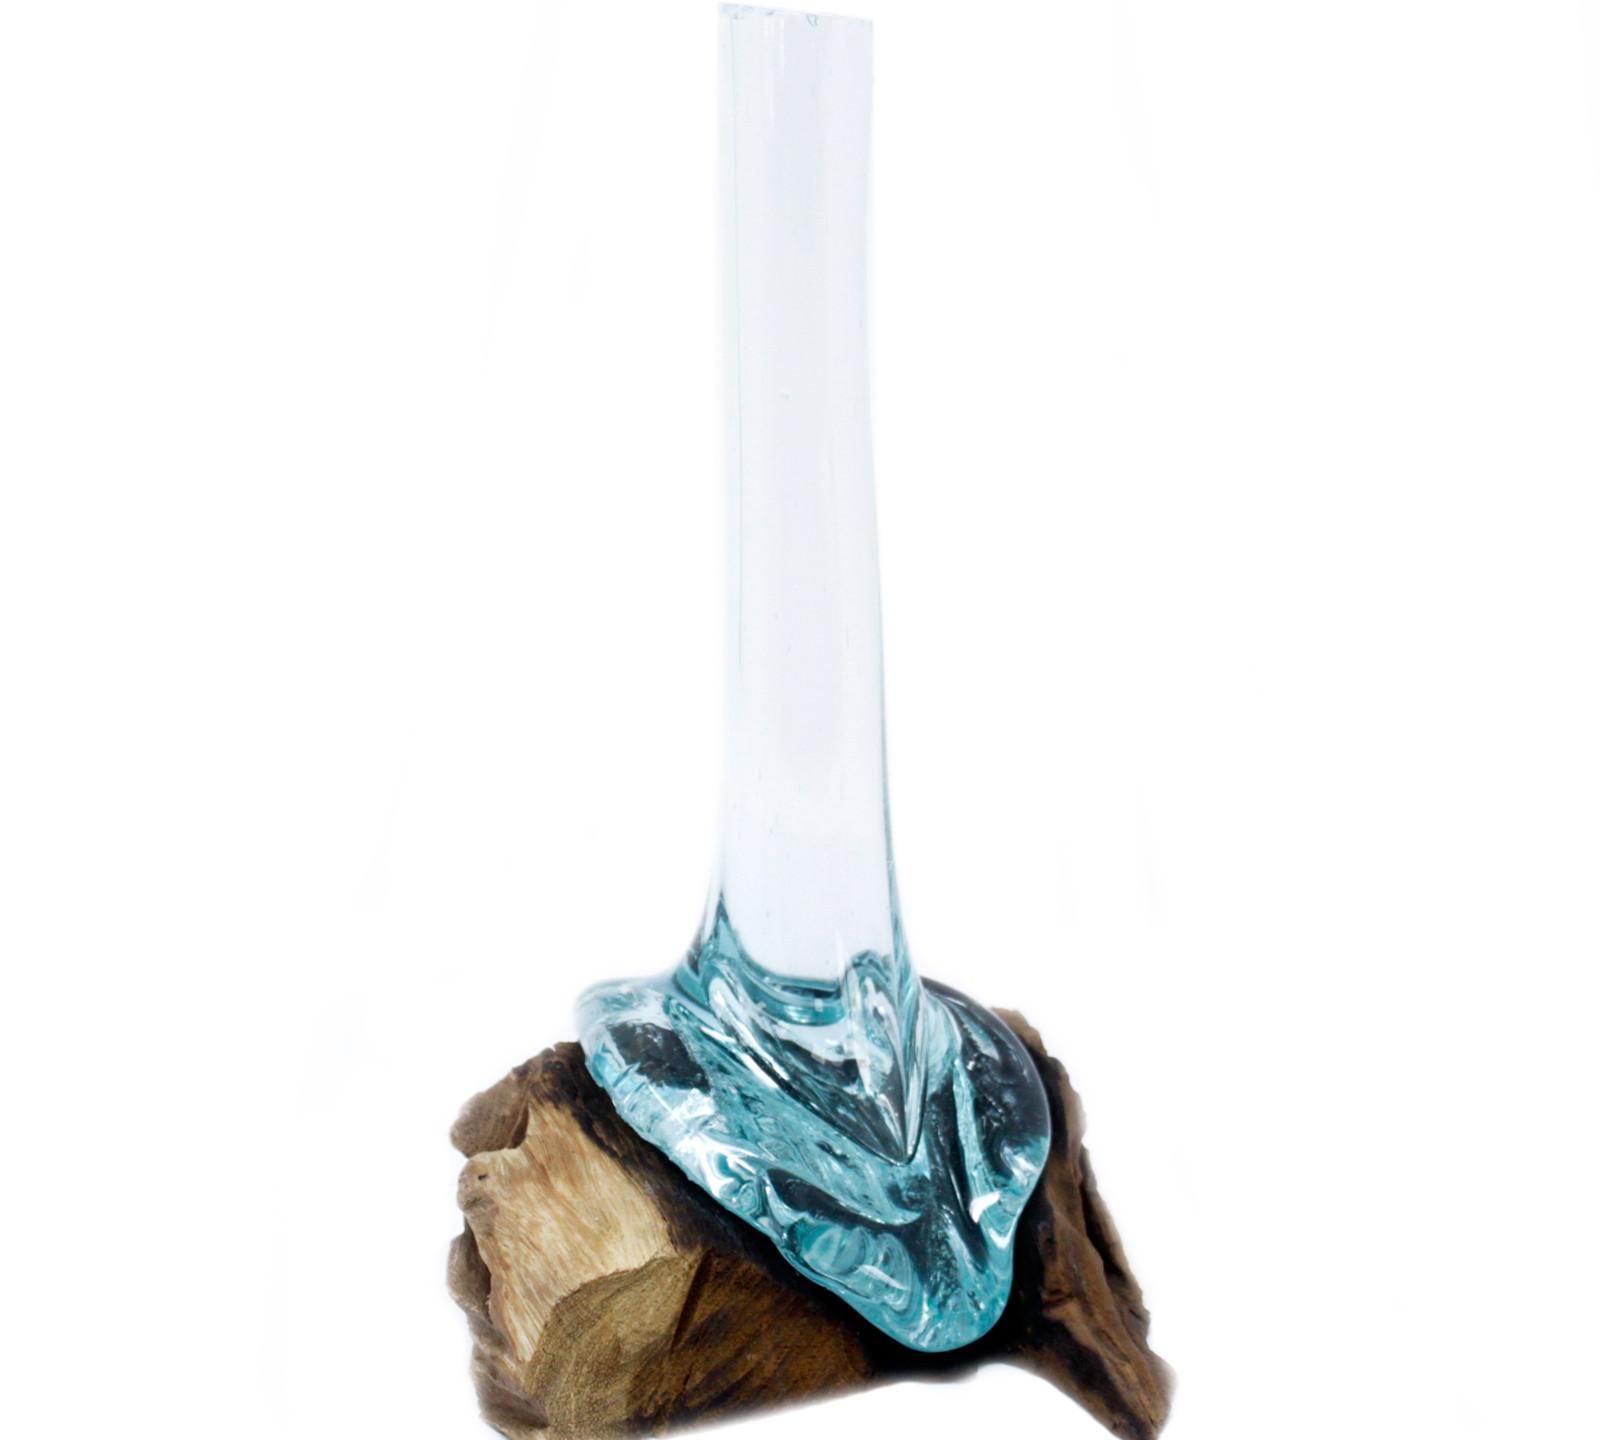 Molten glass on wood vase